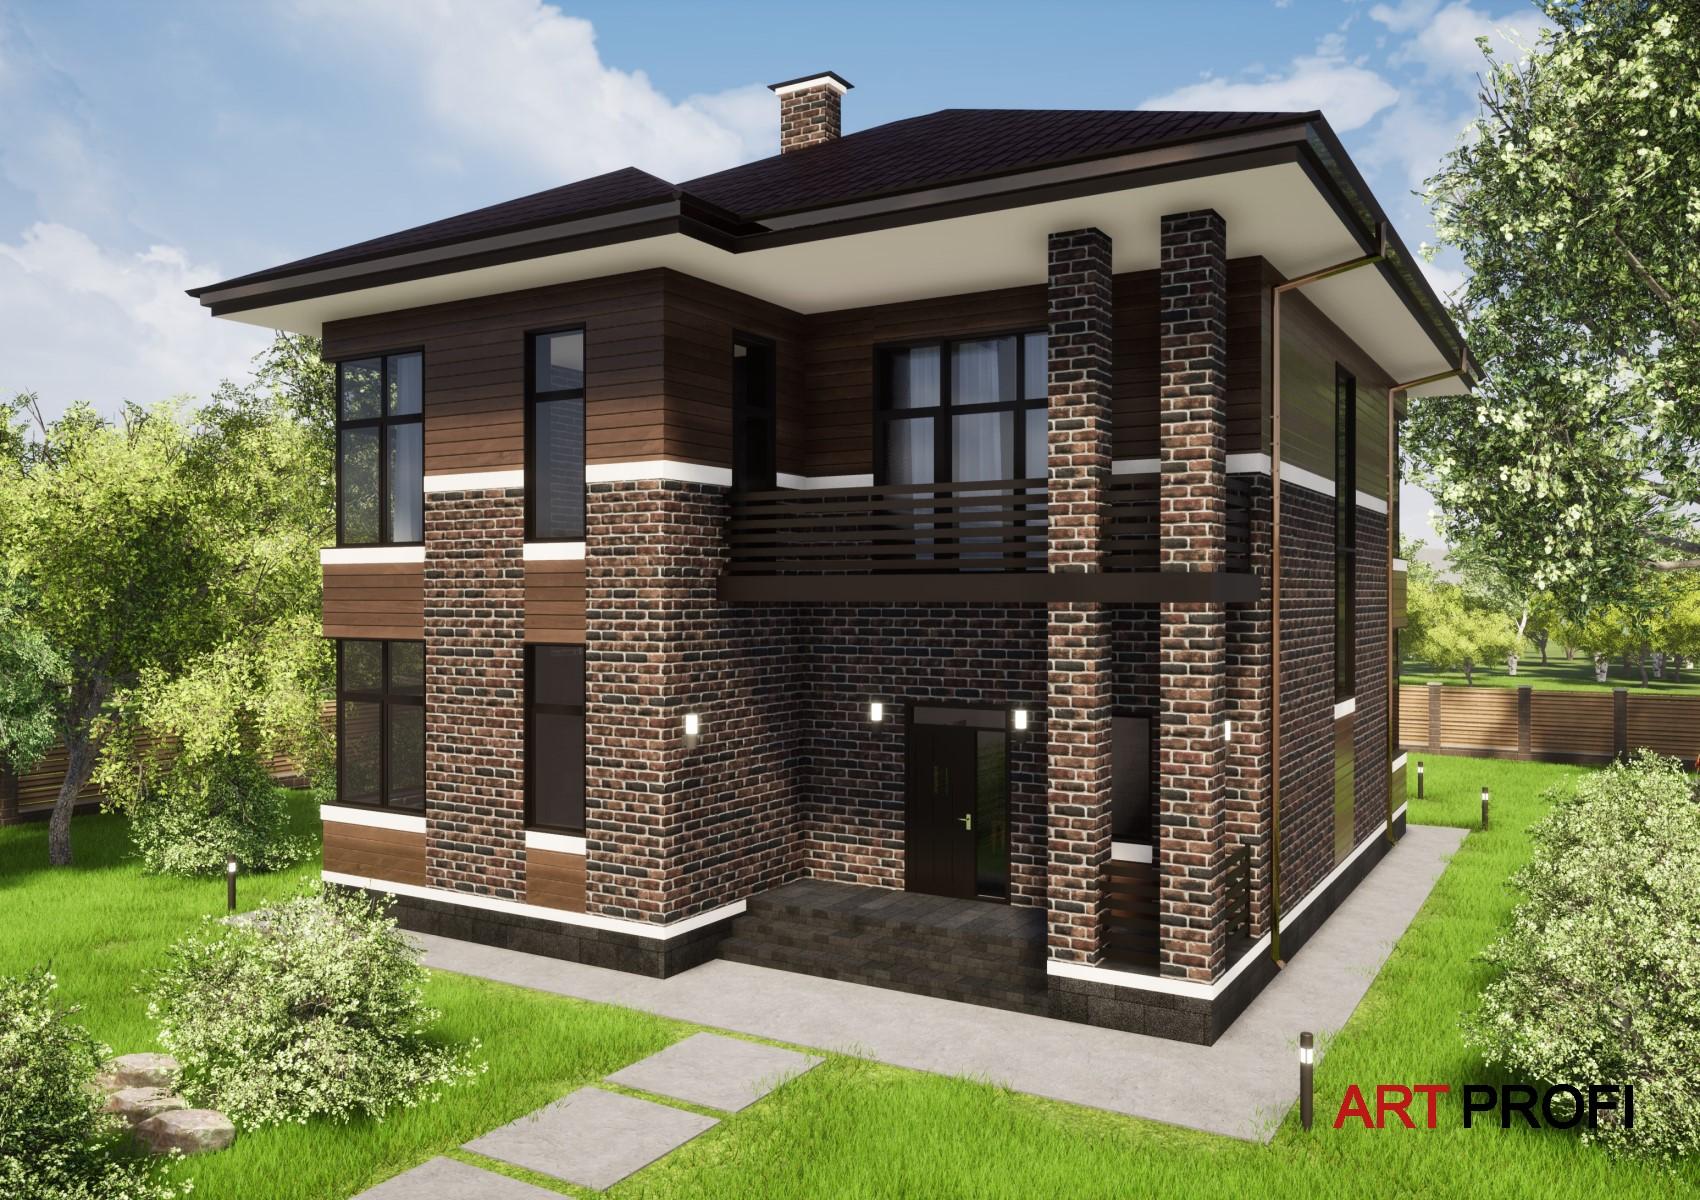 Проекты домов и коттеджей. Проект дома Райта.